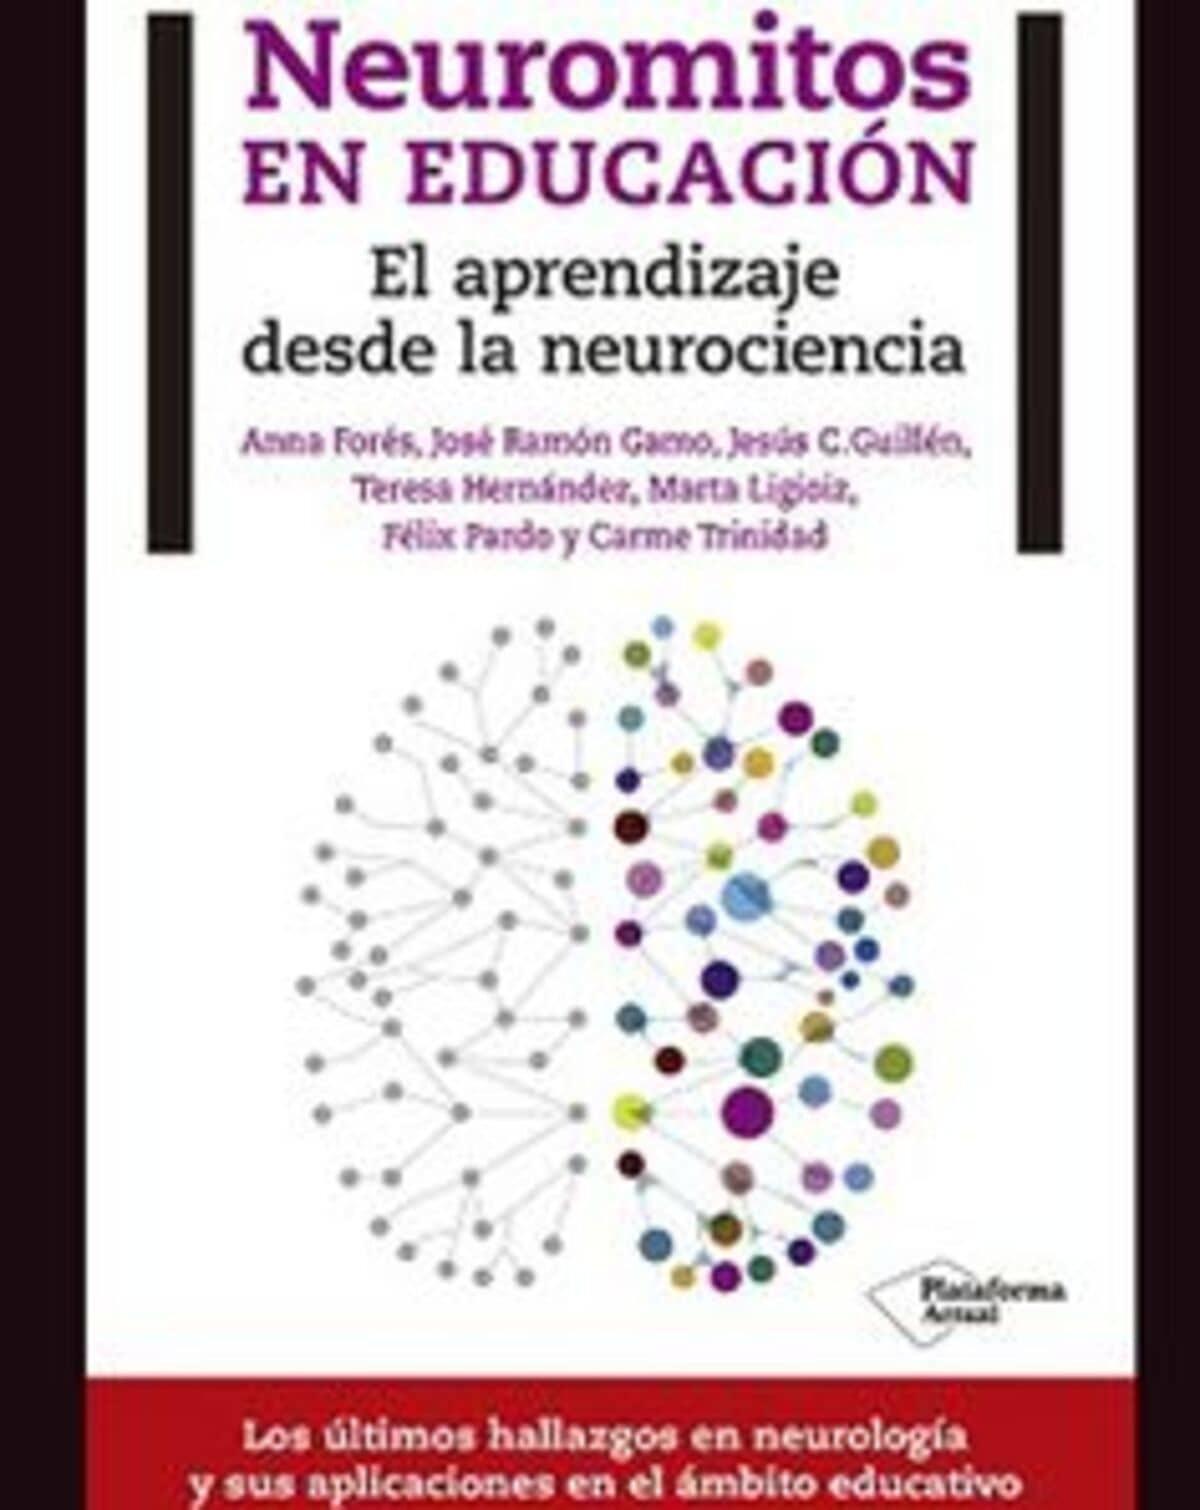 Neuromitos en Educación - El Aprendizaje desde la Neurociencia.